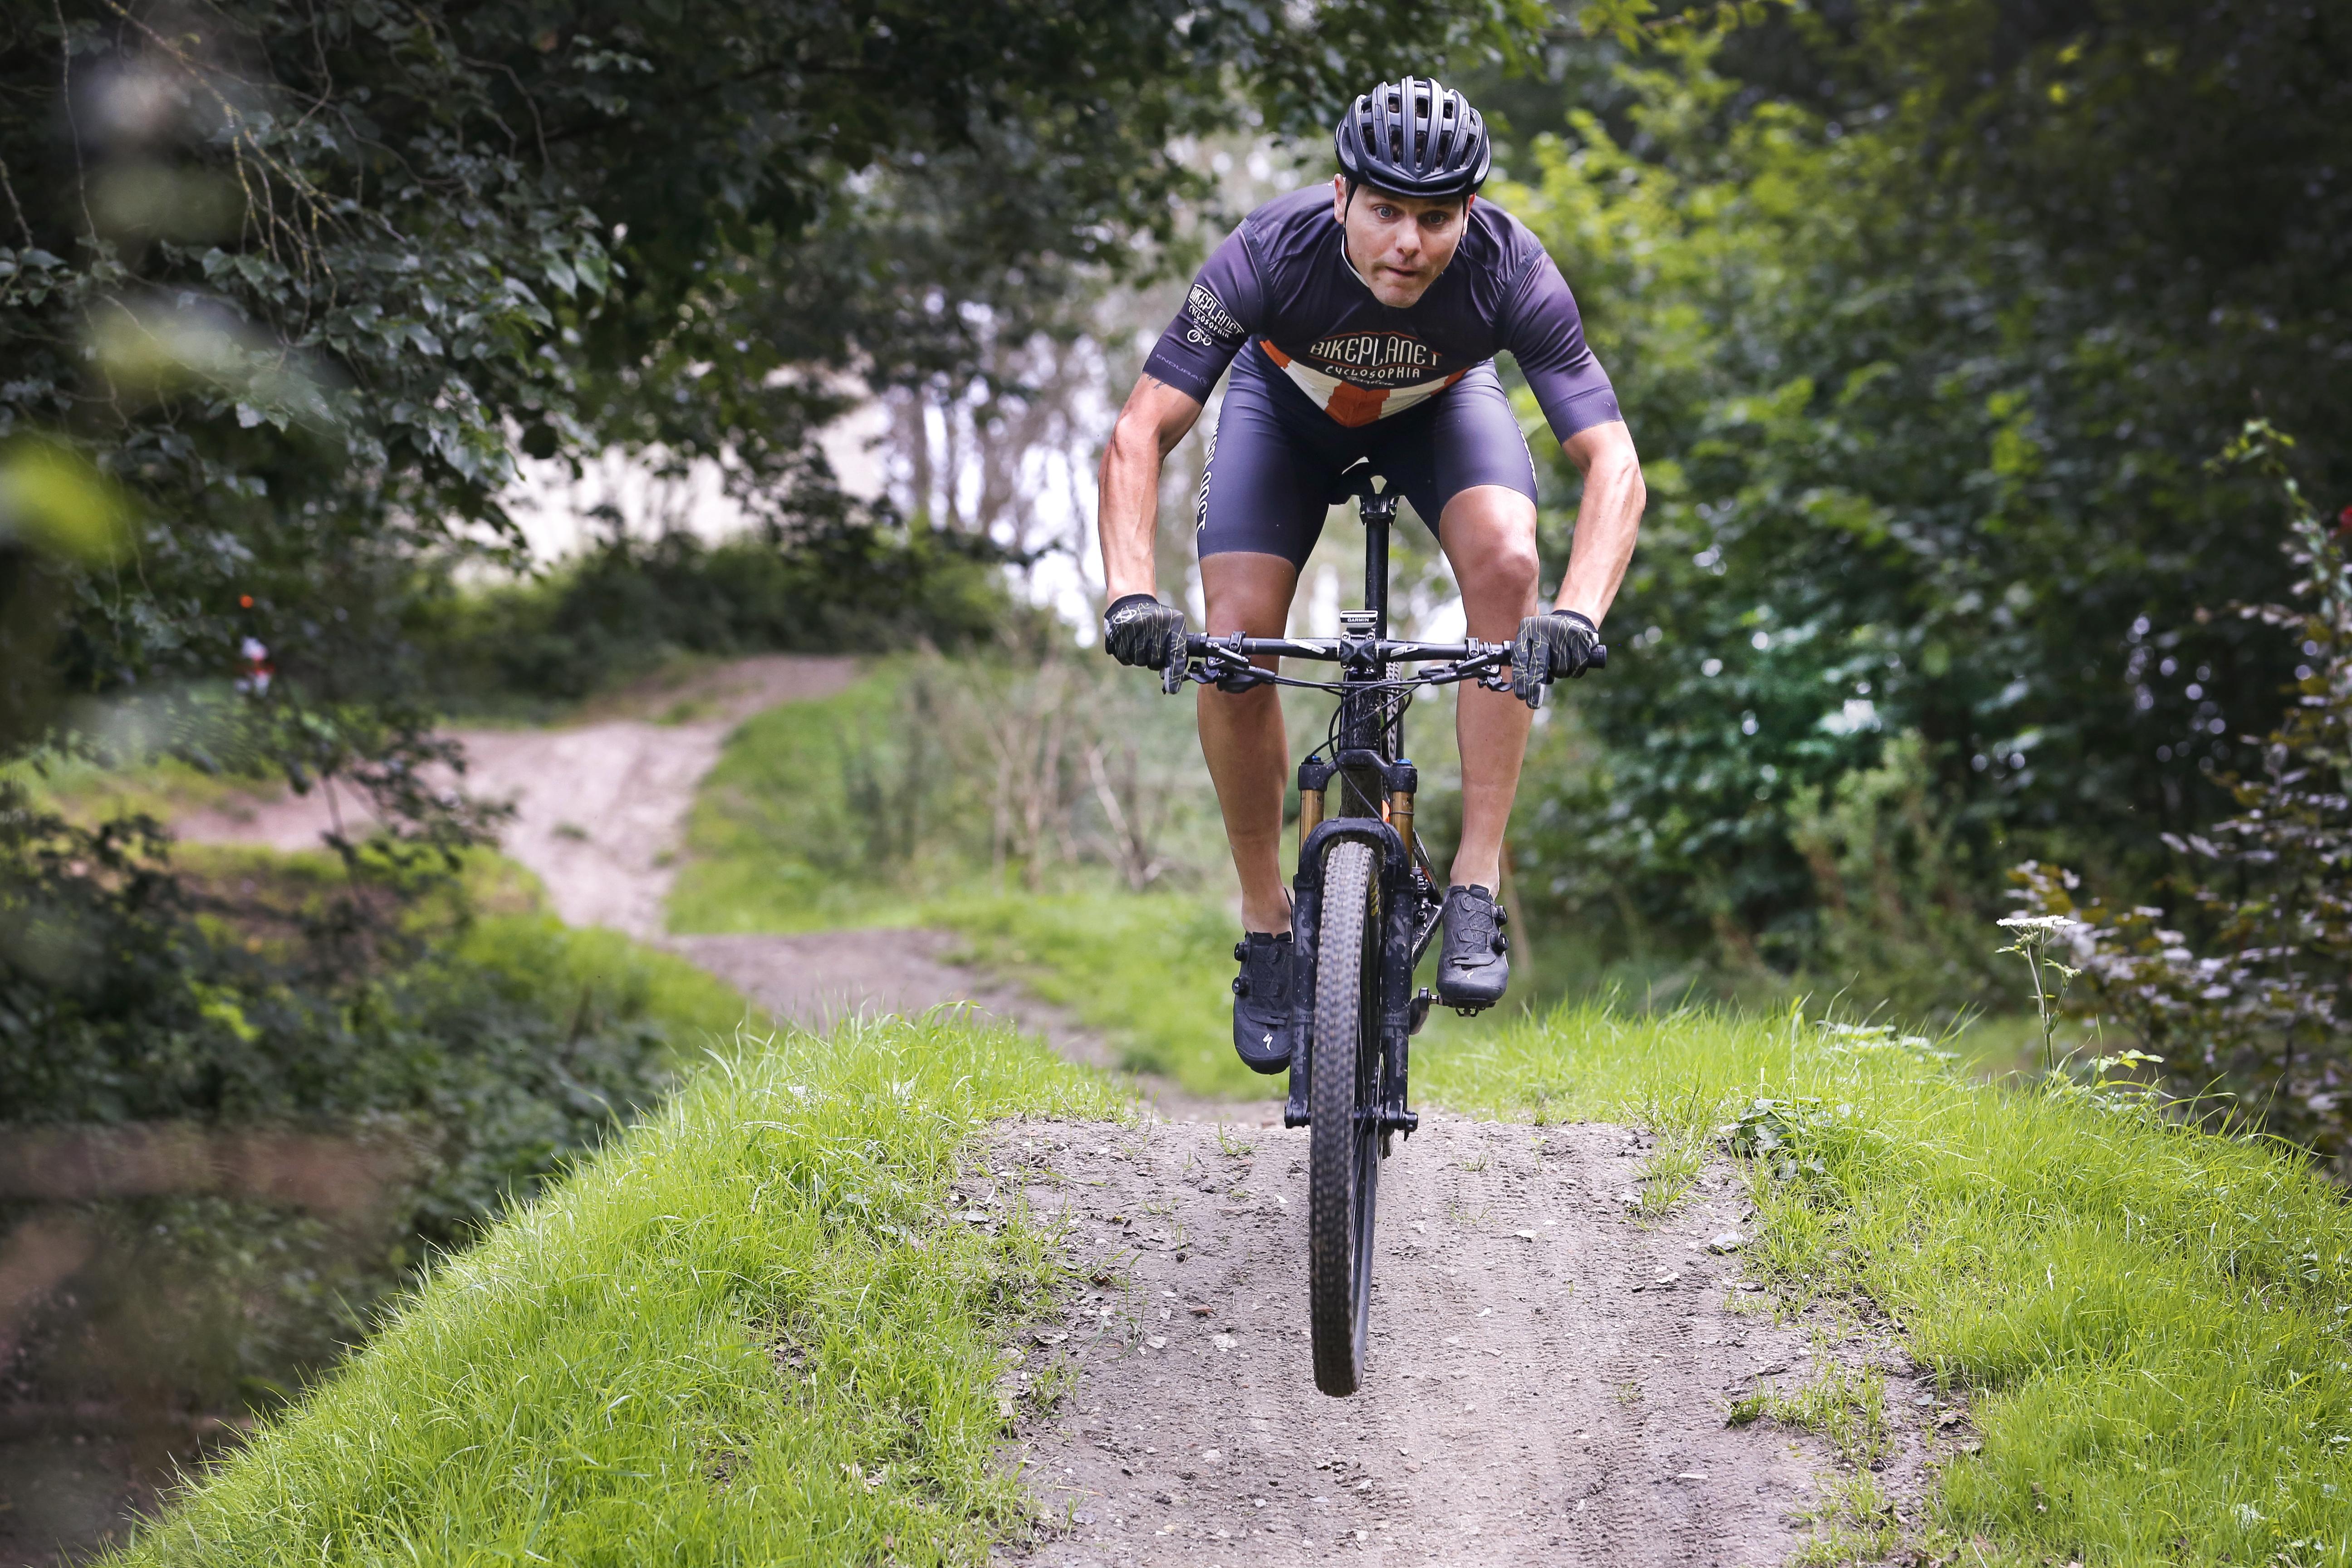 Mountainbiker Marchel van der Heijden uit IJmuiden over de 'funklasse' in recreatiegebied Spaarnwoude: 'Waarom het zo heet, weet ik niet. Het suggereert dat het een lolletje is, maar ik kan je verzekeren dat je flink door moet trappen om de rest voor te blijven'